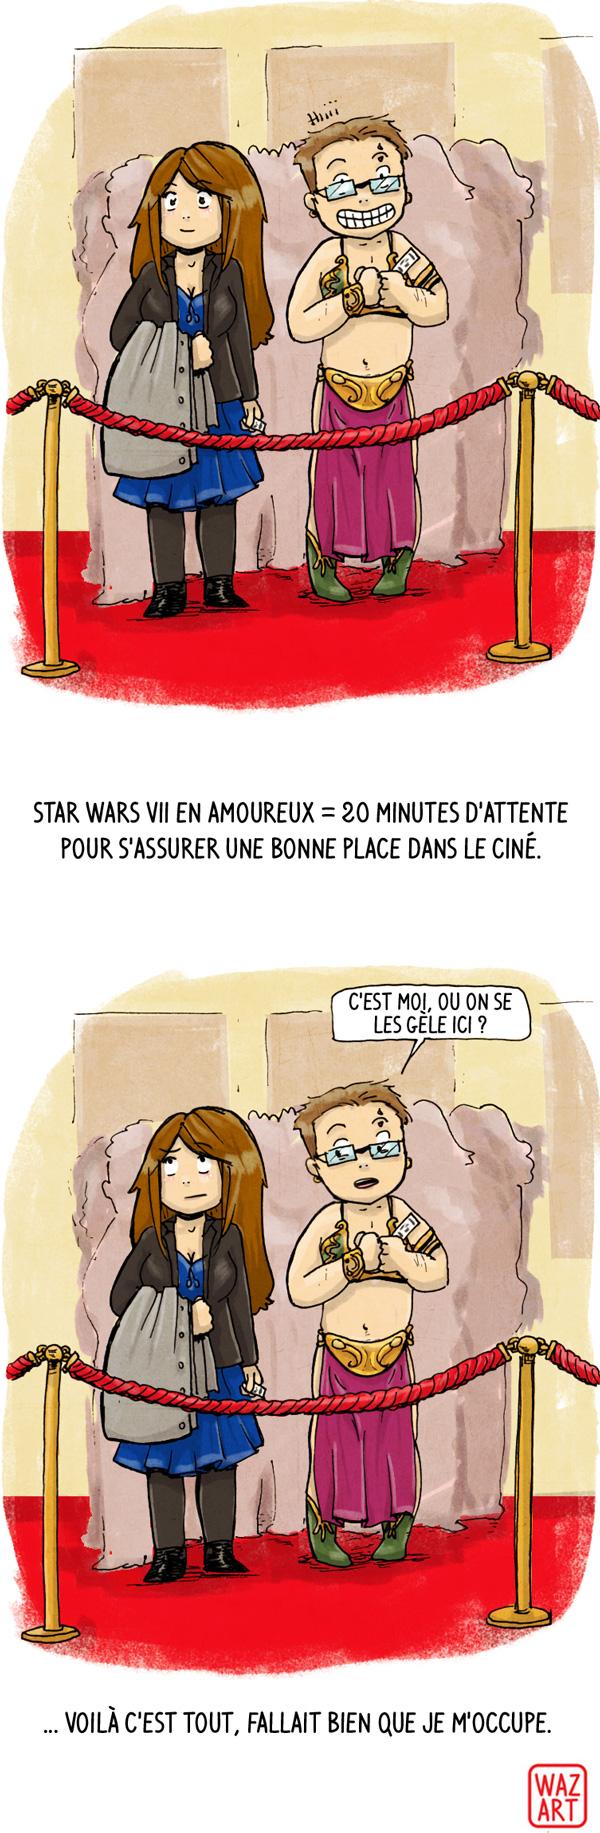 Chéridamour habillé en Leia esclave dans la file d'attente au cinéma pour le film star wars the force awakens